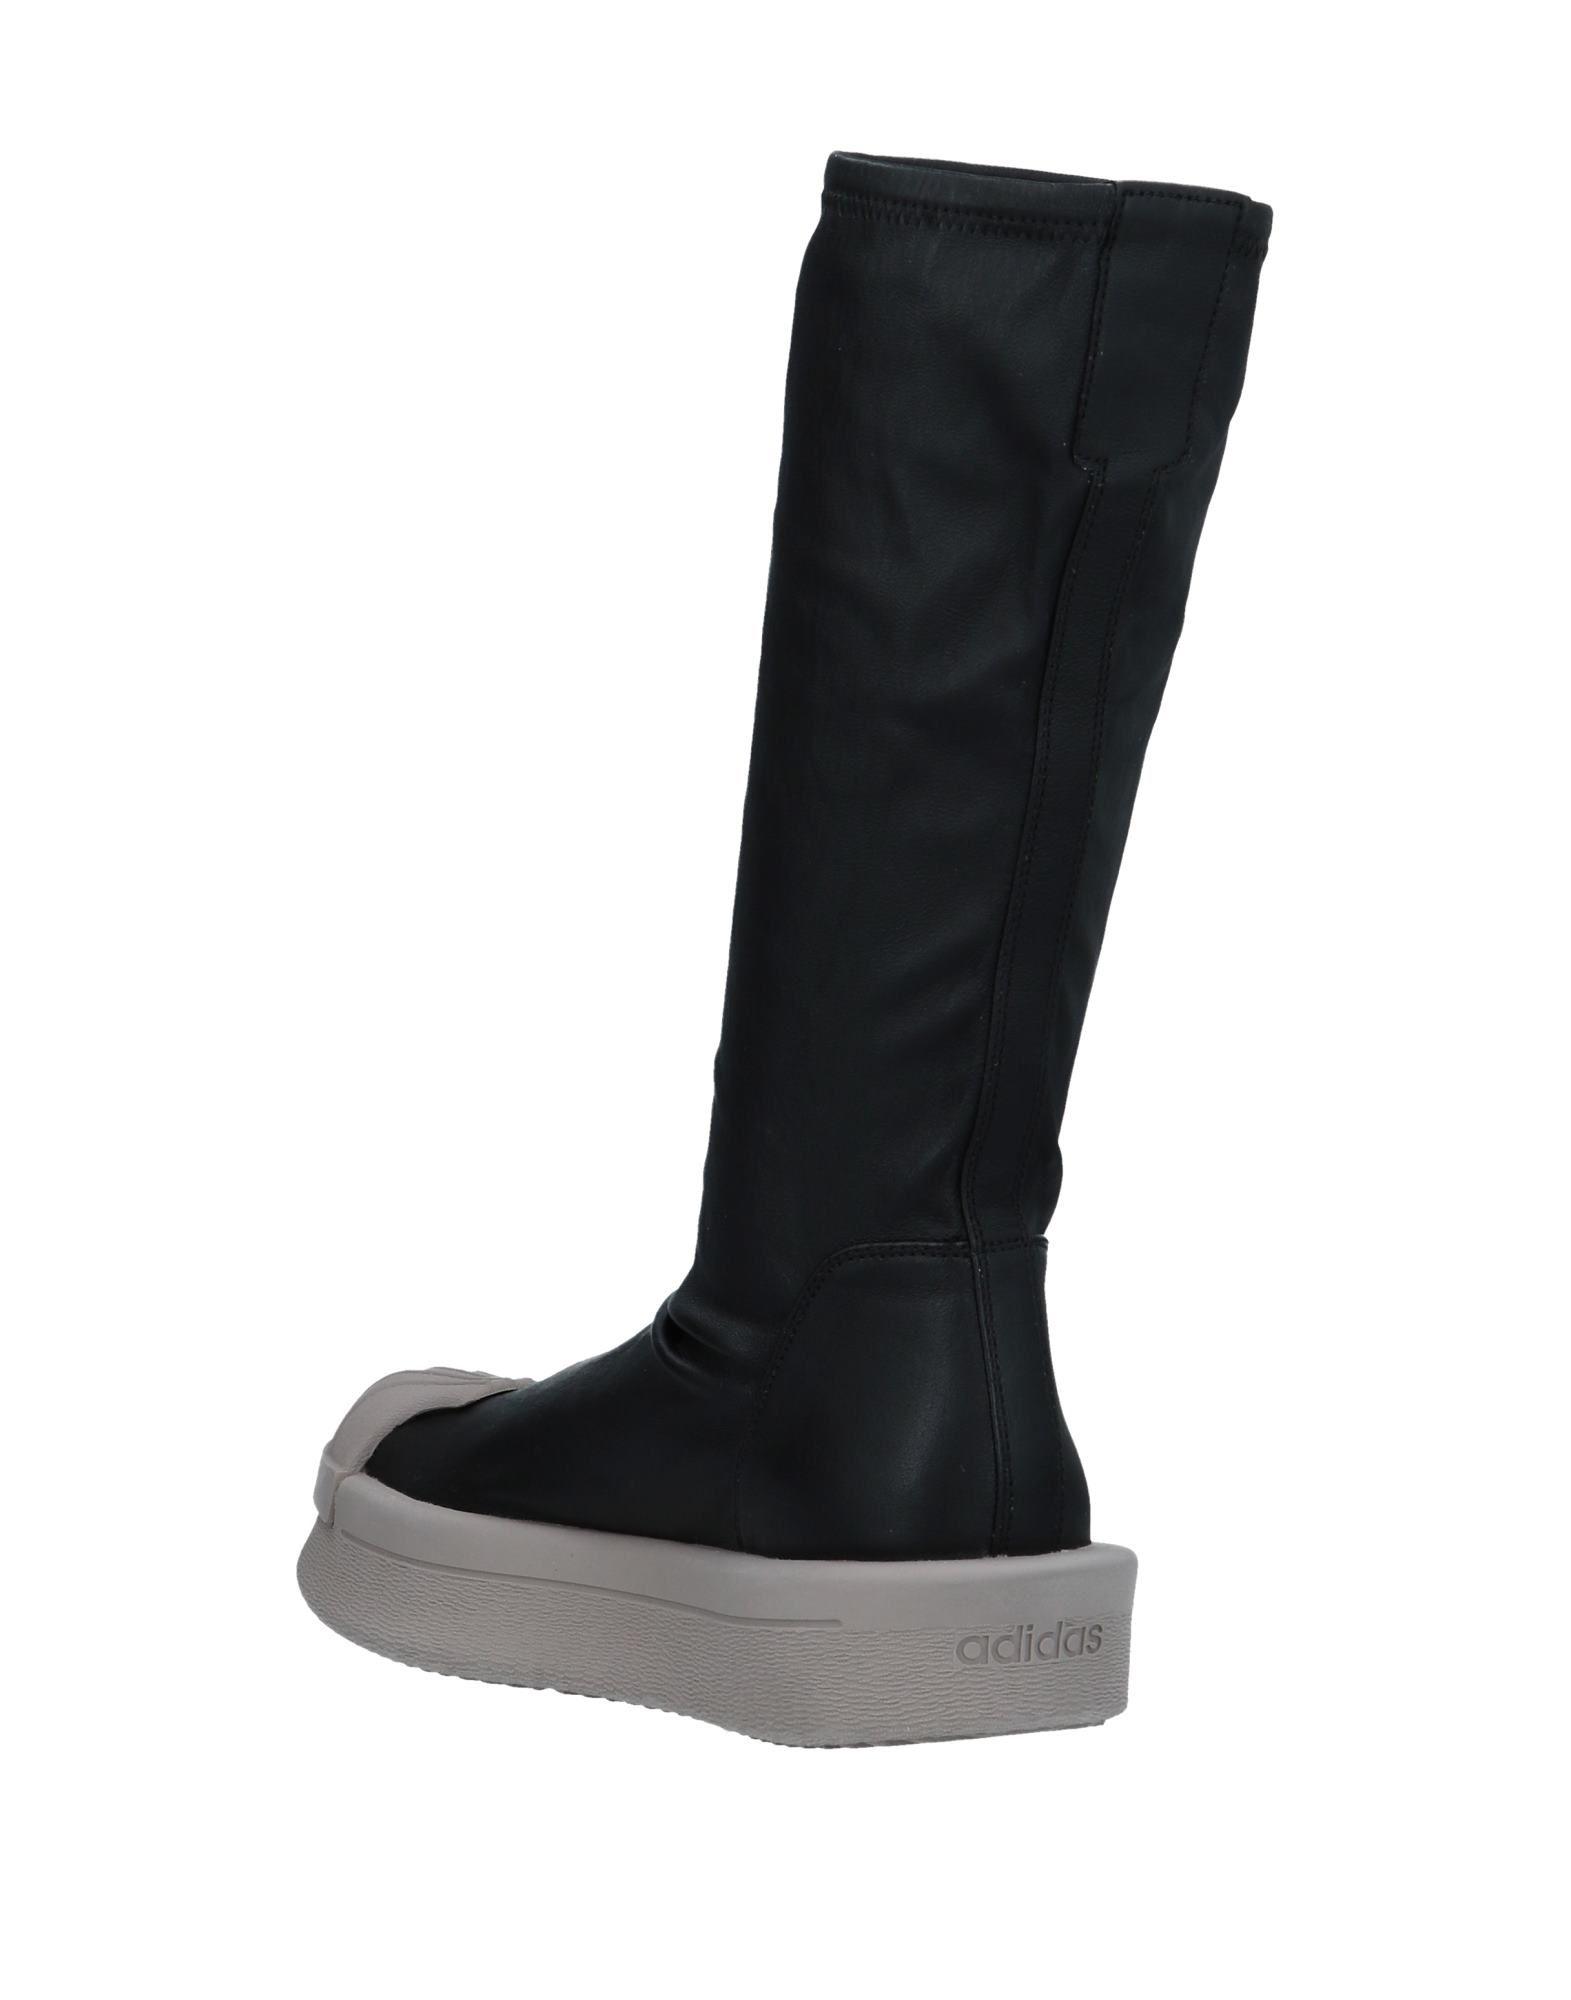 Rick Owens X Adidas Stiefelette Herren  11537627ST Gute Qualität beliebte Schuhe